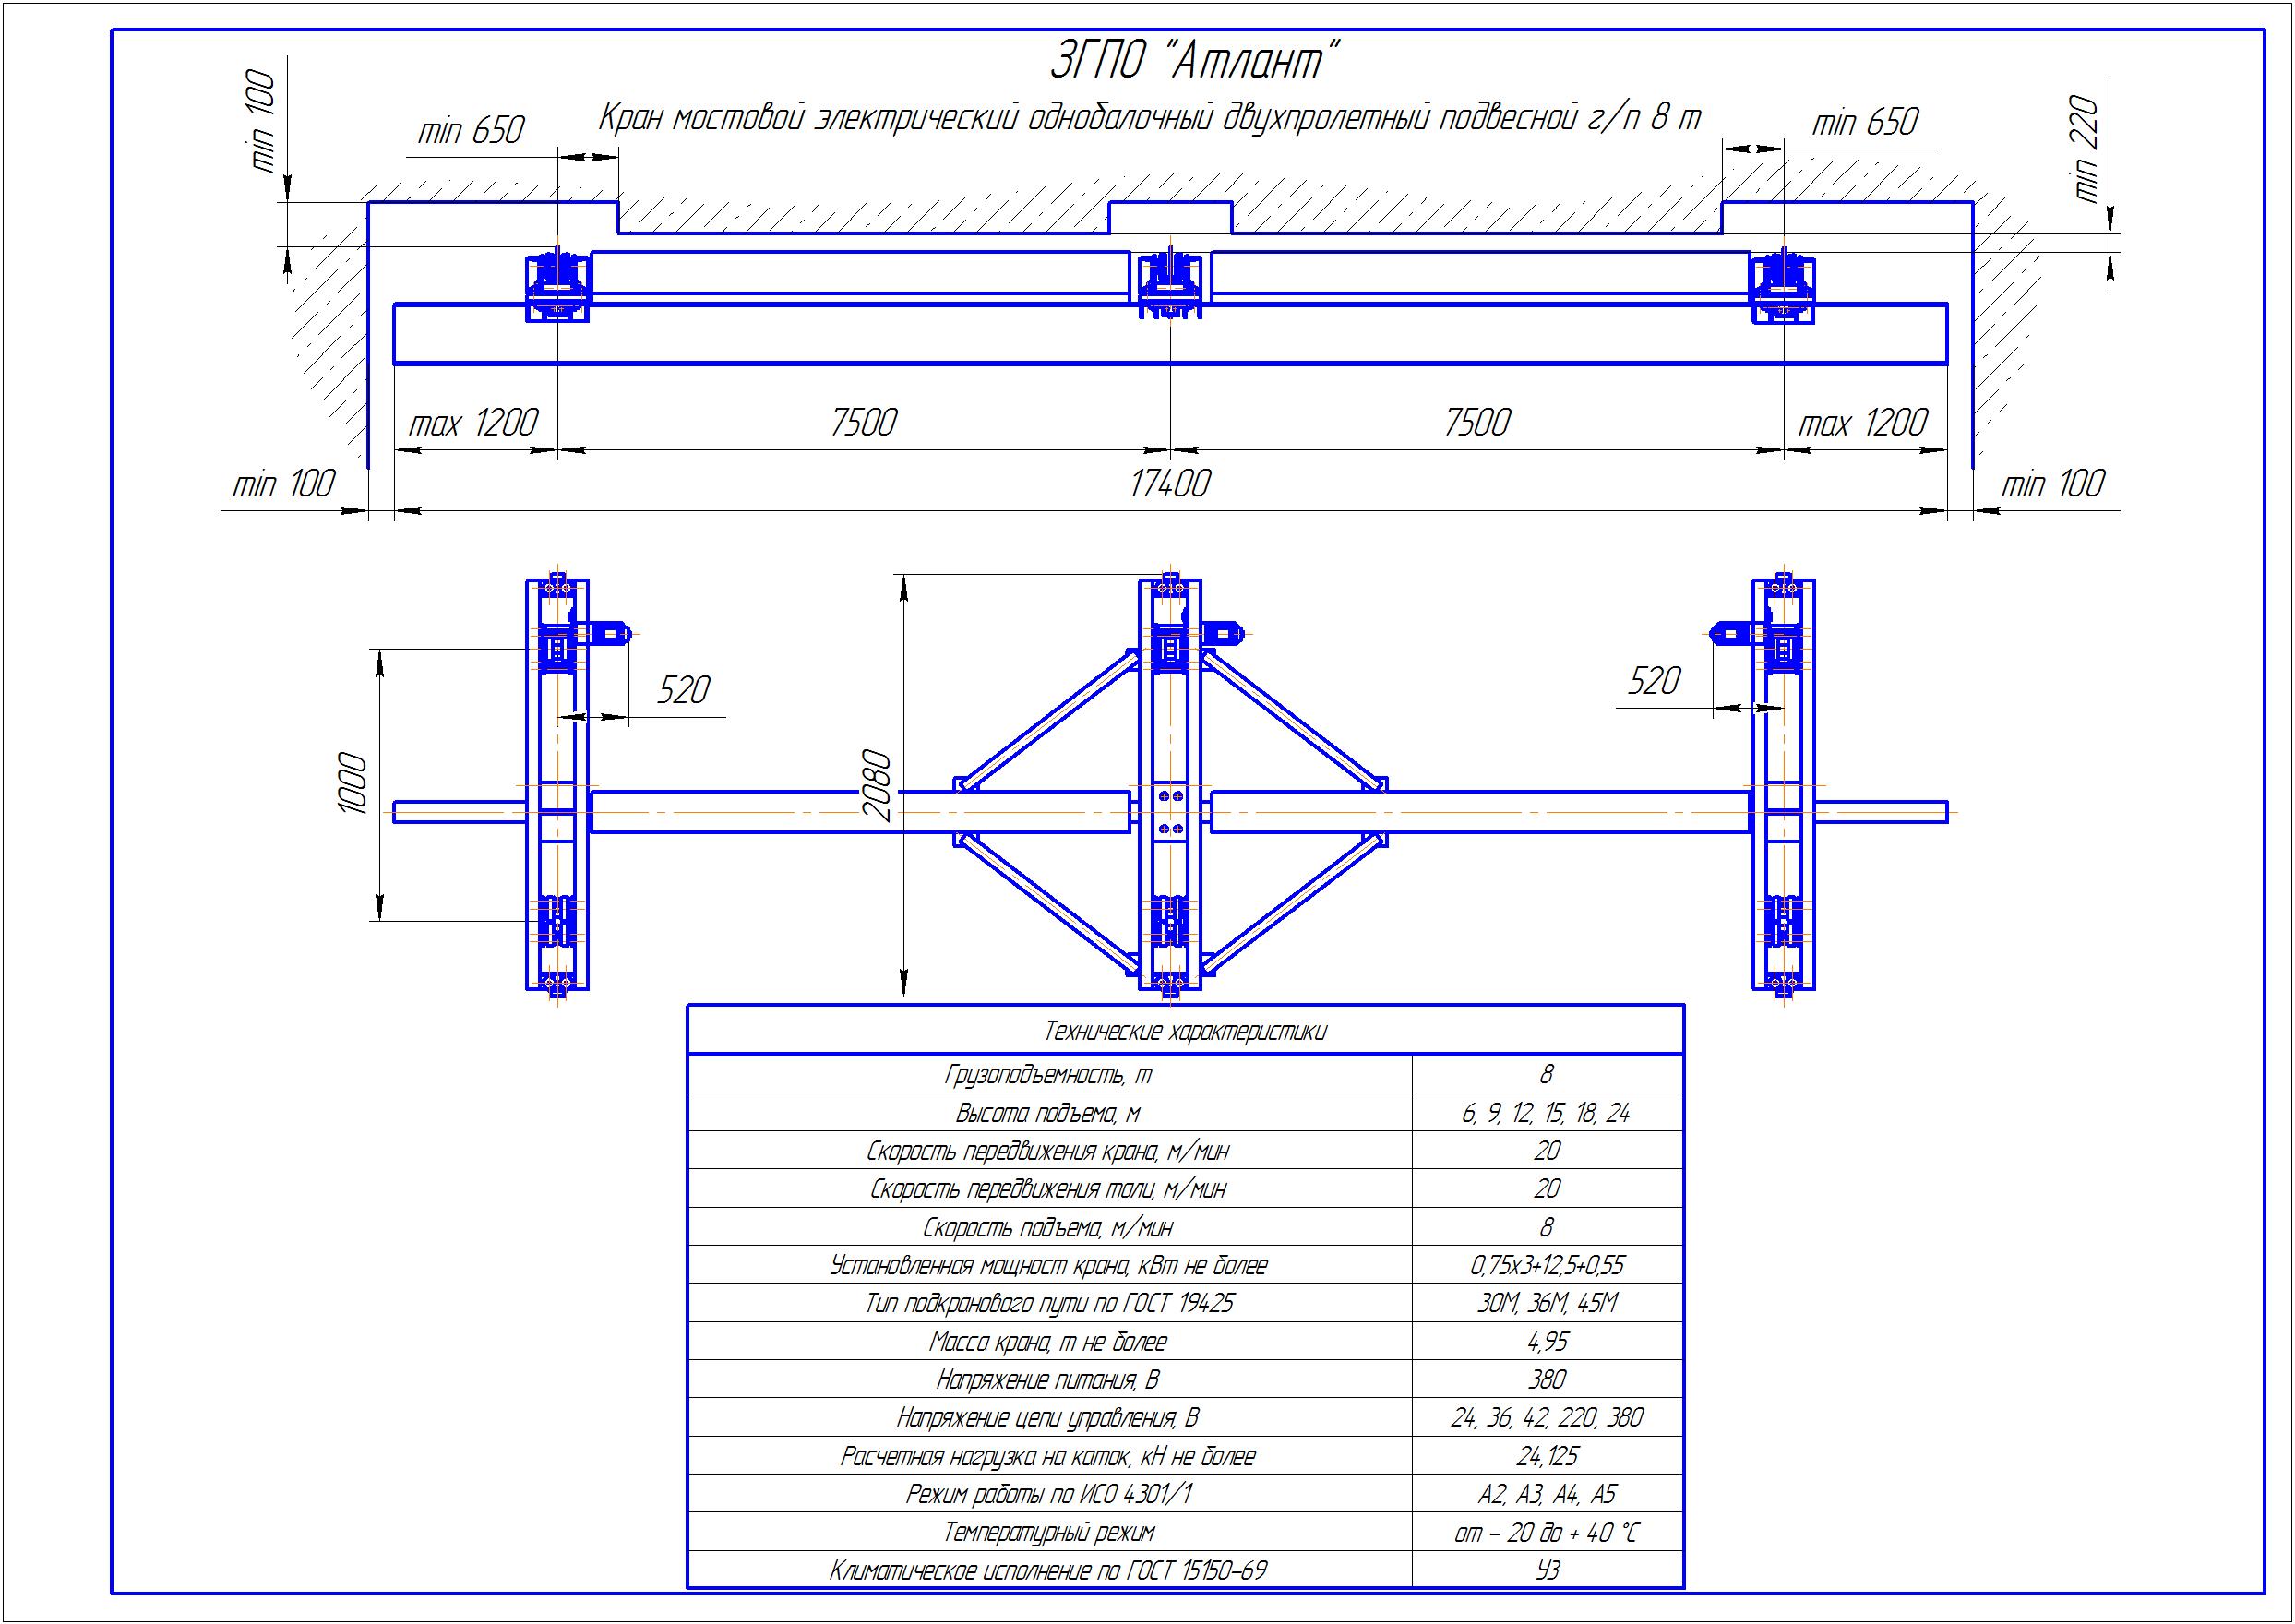 KBPD 6 1 - Подвесная кран балка двухпролетная